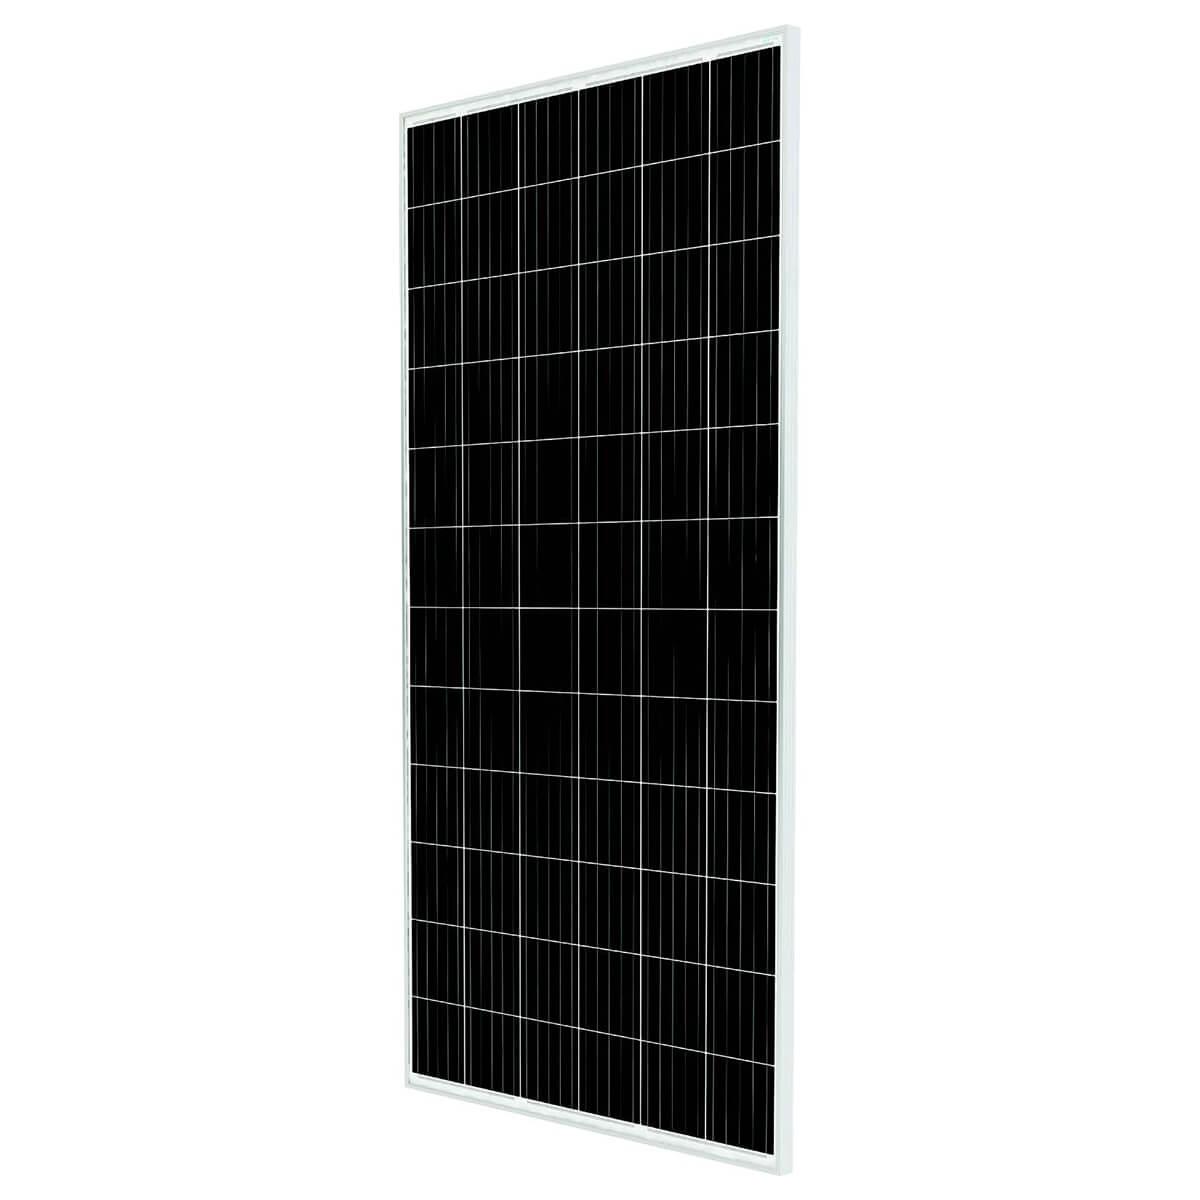 tommatech 385W panel, tommatech 385Watt panel, tommatech 385 W panel, tommatech 385 Watt panel, tommatech 385 Watt monokristal panel, tommatech 385 W watt gunes paneli, tommatech 385 W watt monokristal gunes paneli, tommatech 385 W Watt fotovoltaik monokristal solar panel, tommatech 385W monokristal gunes enerjisi, tommatech TT385-72PM-385W panel, TOMMATECH 385 WATT